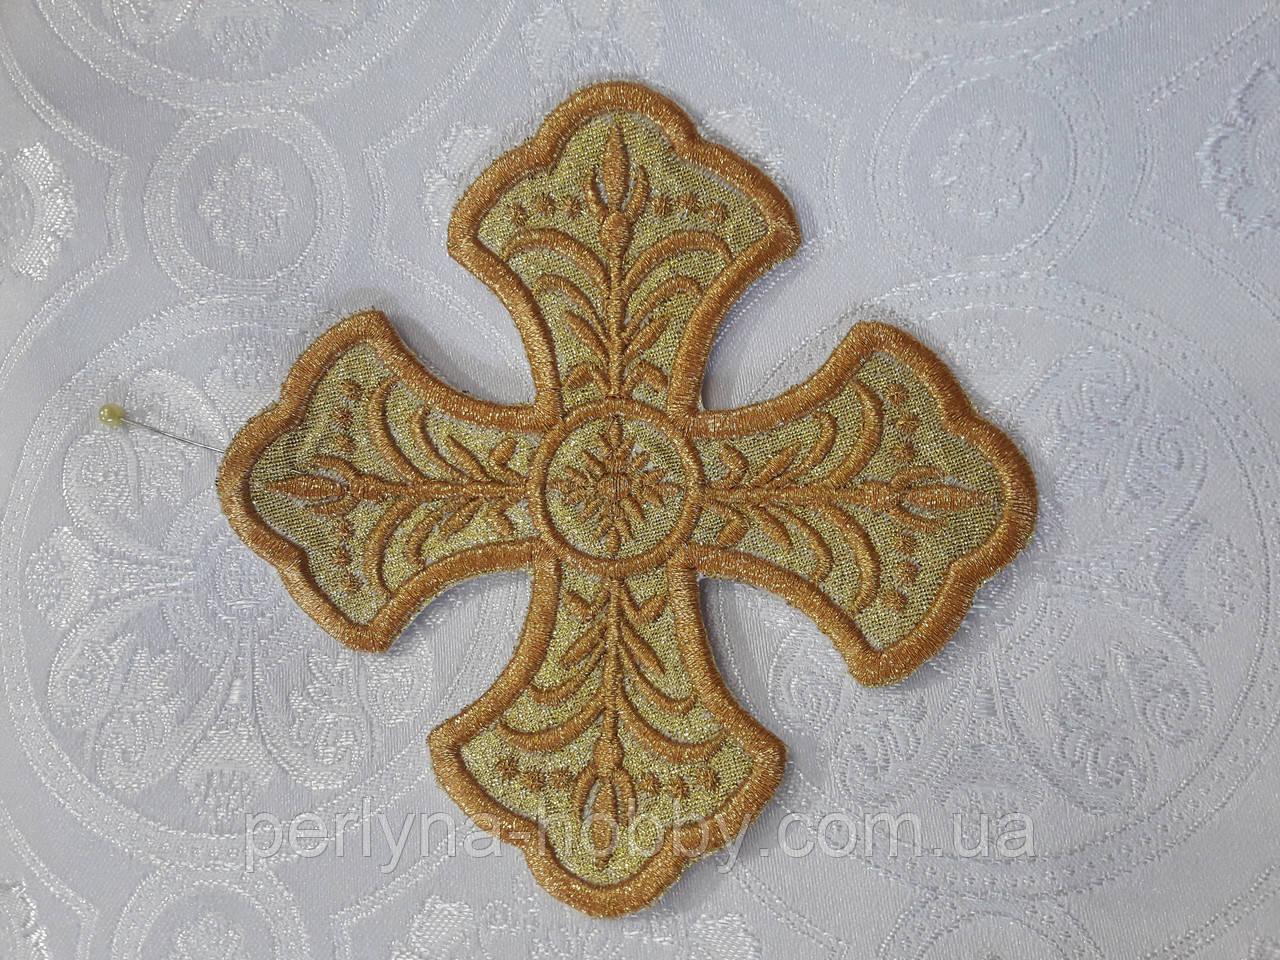 Крест на стихарь Хрест для стихарів малий 15 на 15 см золотий